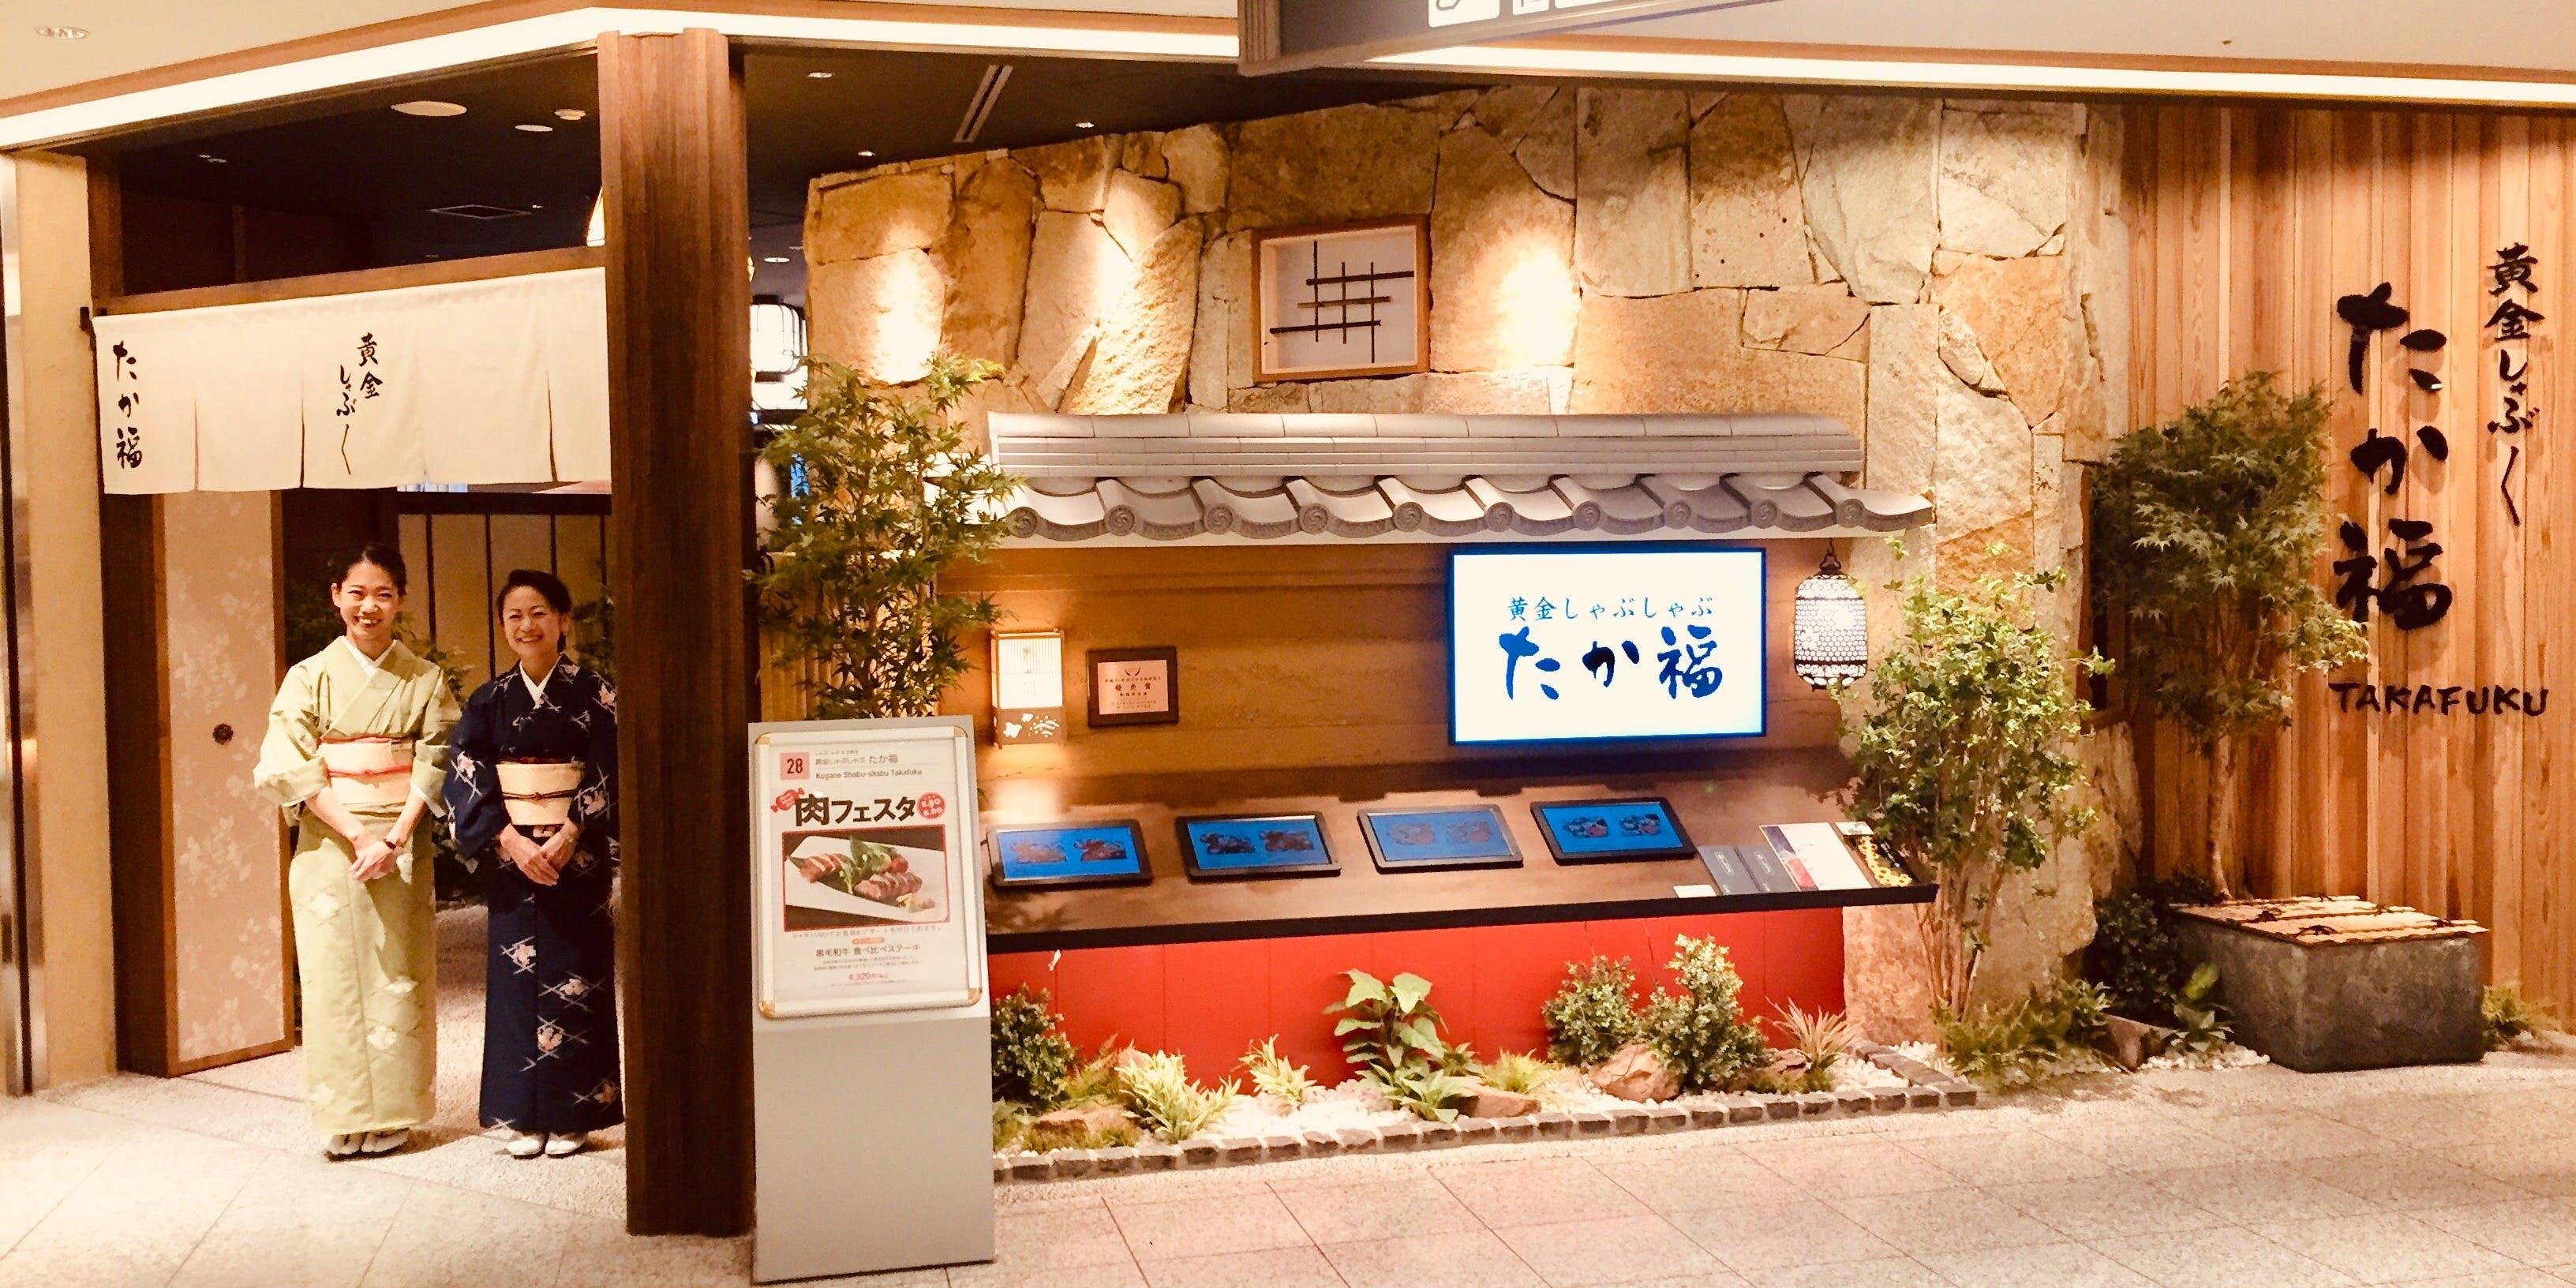 記念日におすすめのレストラン・黄金しゃぶしゃぶ たか福の写真1